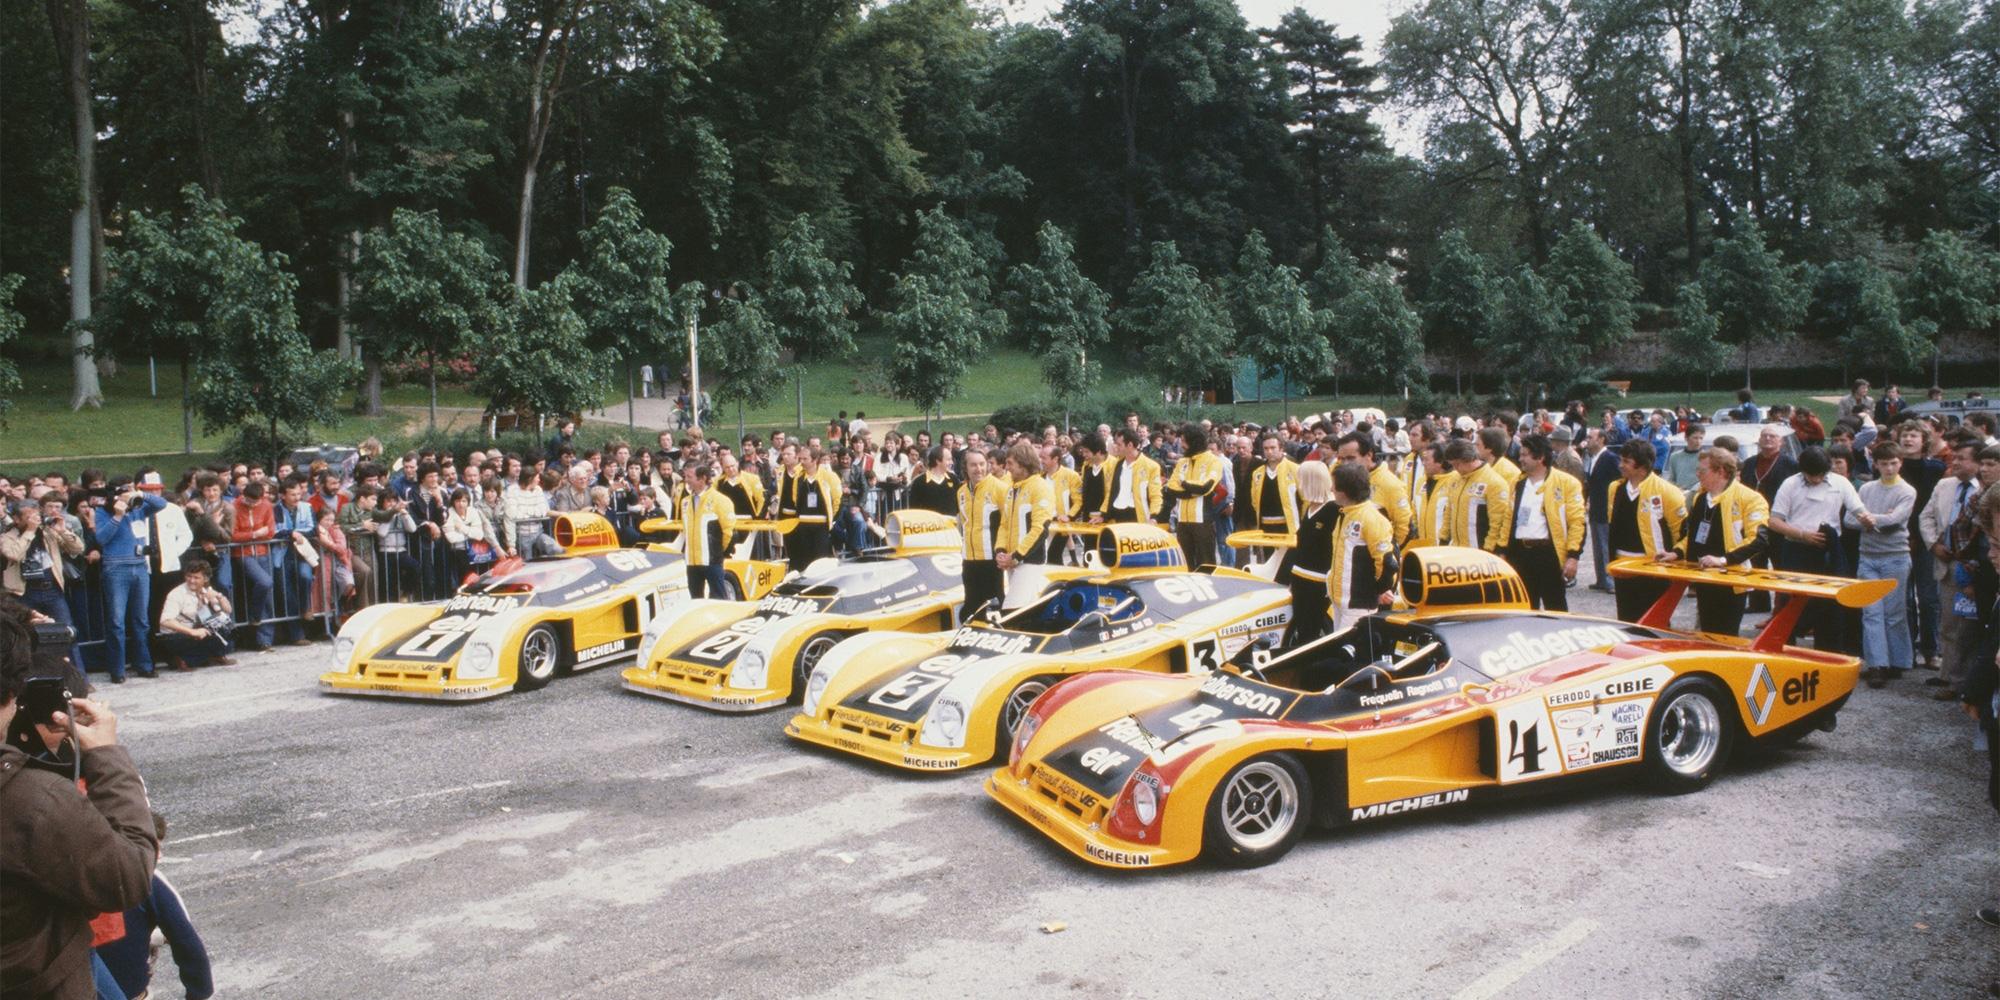 1978 - 24 Stunden von Le Mans: Alpine−Renault Familie: A442, A442 B, A443